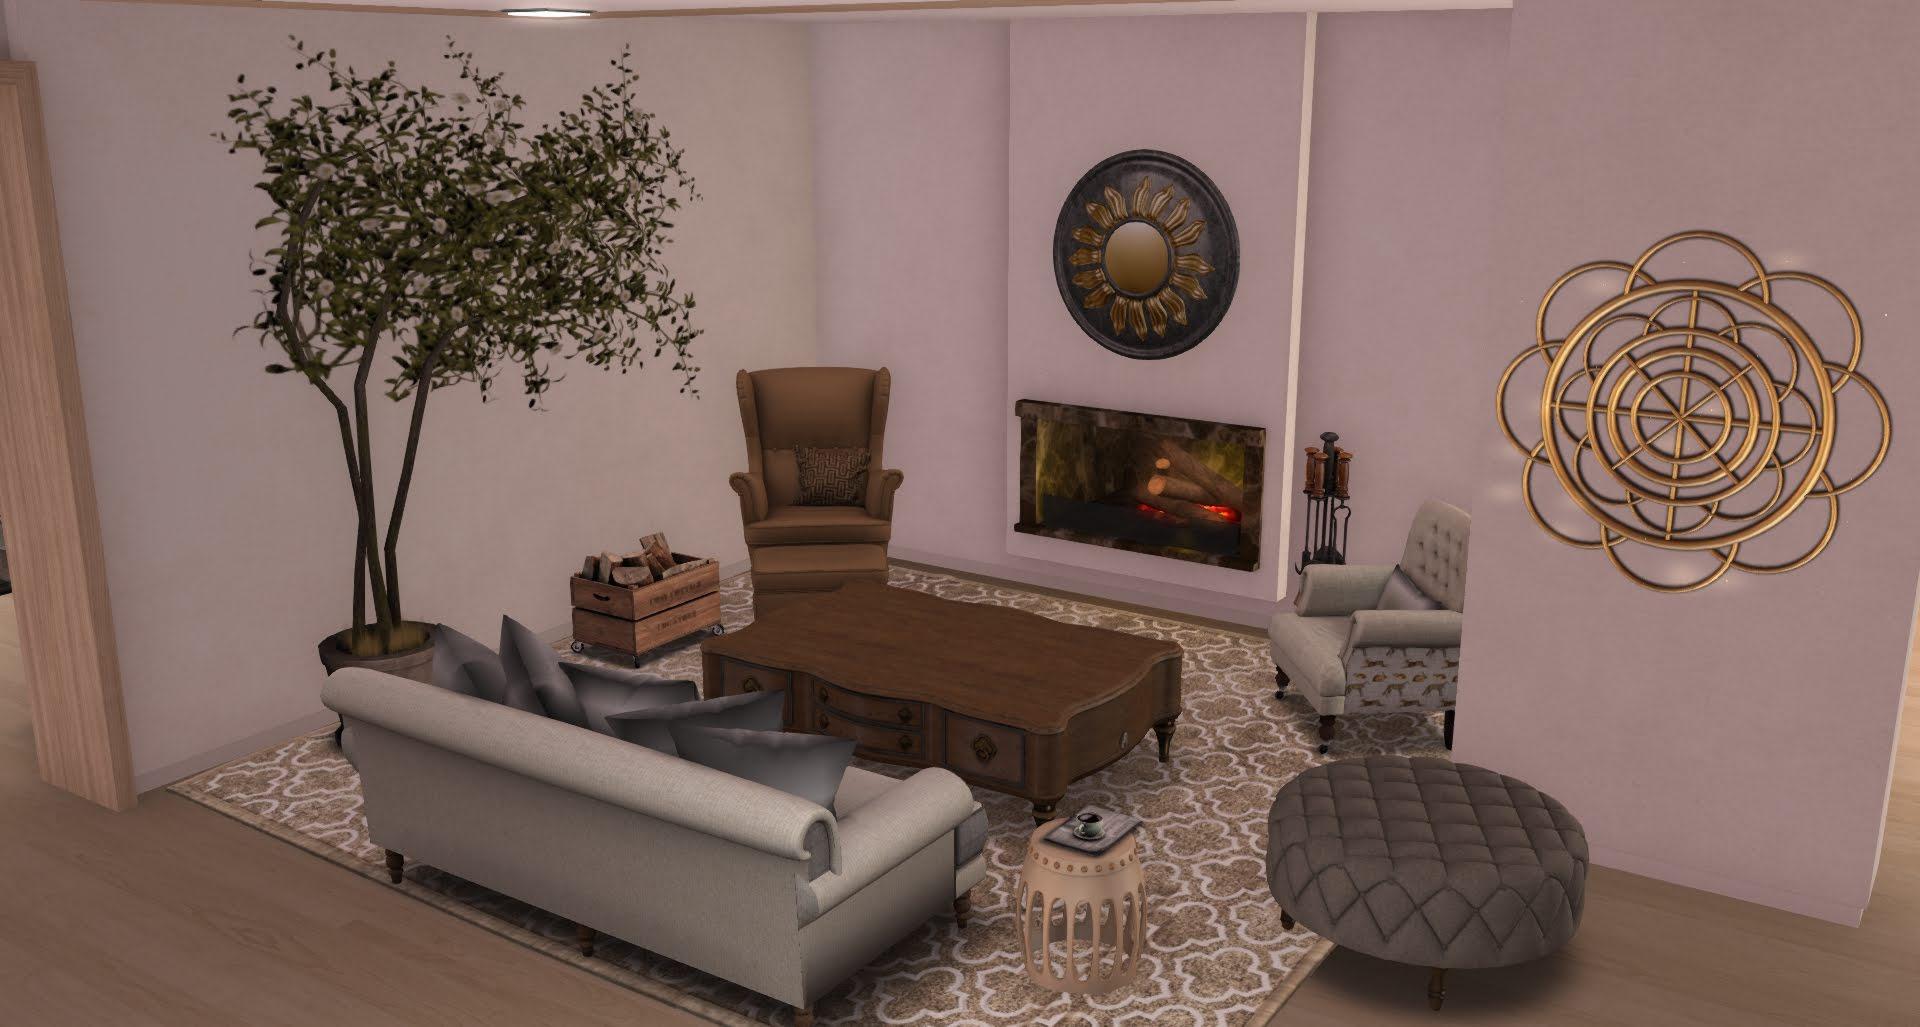 House 5: The Palomar